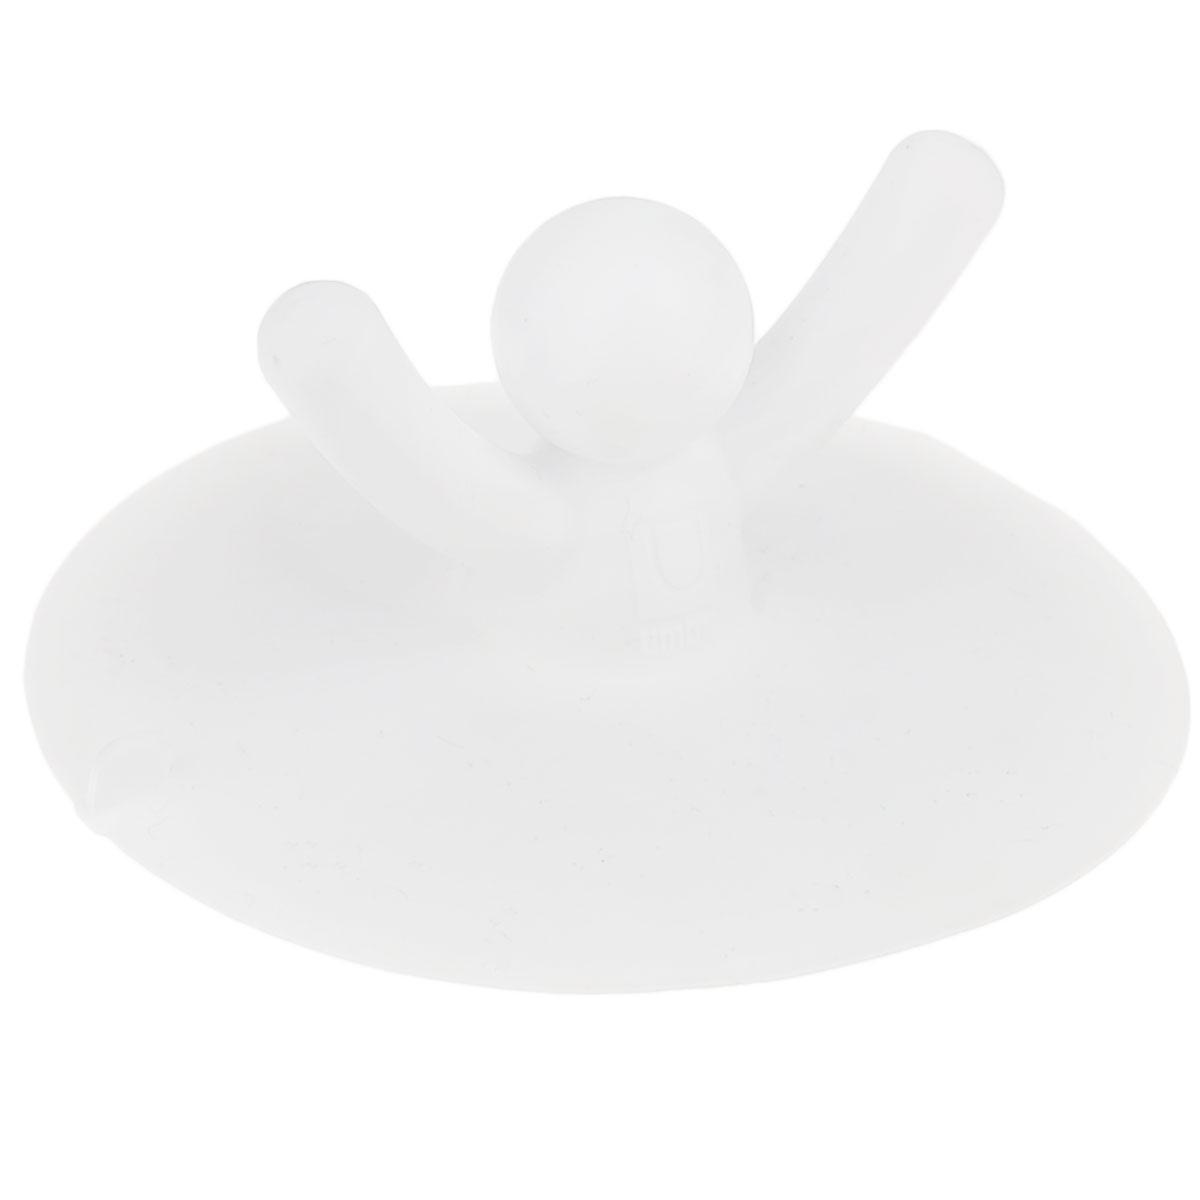 Пробка для раковины Umbra Buddy, цвет: белый023009-660Пробка для ванны Umbra Buddy, изготовленная из полипропилена, предназначена для закупоривания сливного отверстия ванной или раковины. Пробка выполнена в виде человечка с поднятыми вверх руками. Потянув за человечка, вы легко вытащите пробку из ванны. Этот оригинальный аксессуар станет приятным дополнением к интерьеру ванной комнаты.